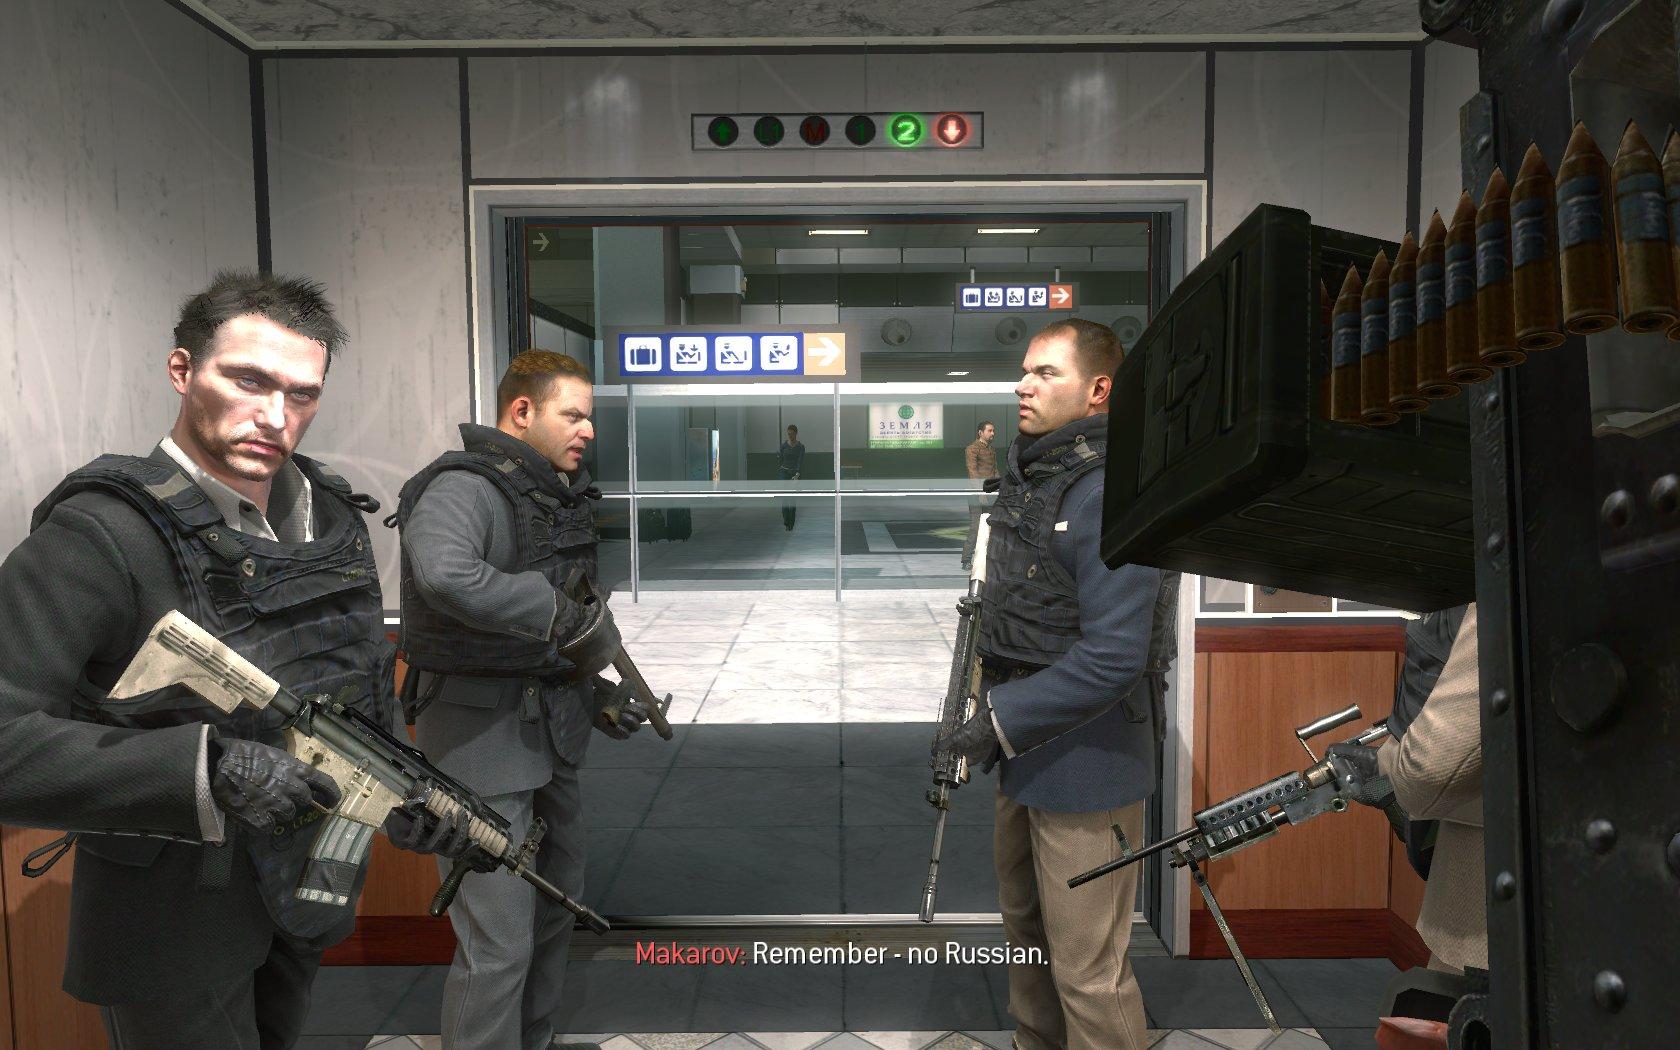 NienteRusso - Back 2 the past - la storia di Call of Duty: Modern Warfare 2